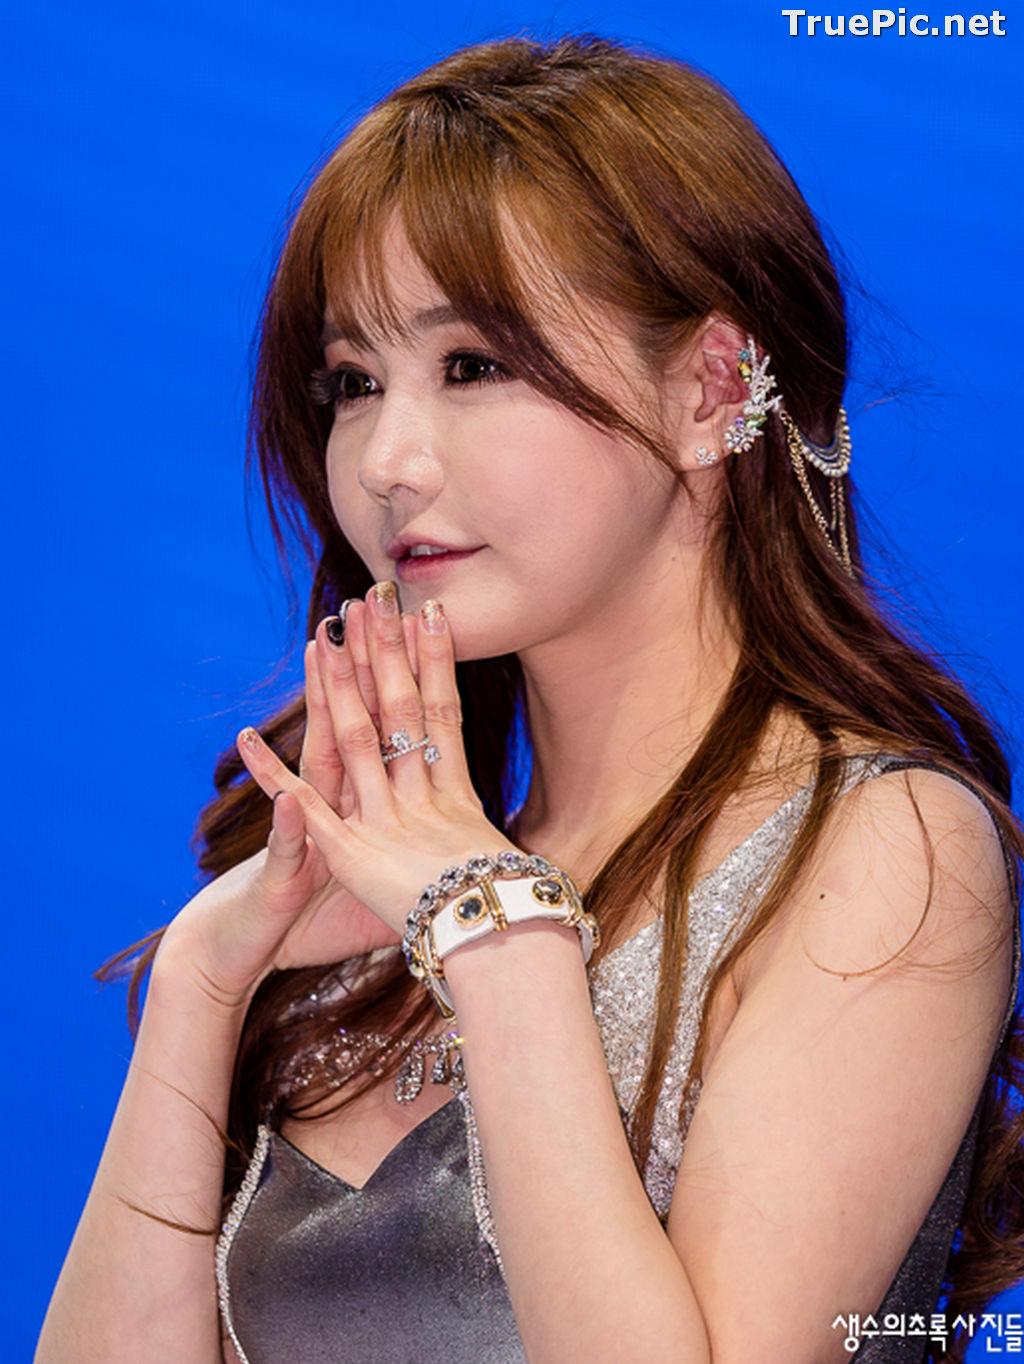 Image Best Beautiful Images Of Korean Racing Queen Han Ga Eun #3 - TruePic.net - Picture-6